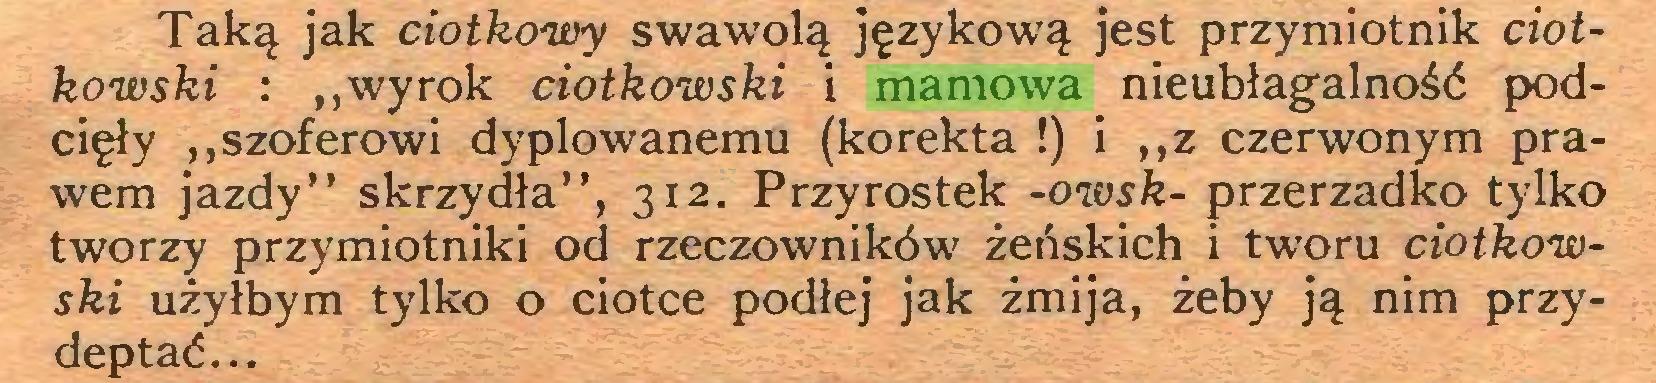 """(...) Taką jak ciotkowy swawolą językową jest przymiotnik Ciołkowski : """"wyrok Ciołkowski i mamowa nieubłagalność podcięły """"szoferowi dyplowanemu (korekta !) i """"z czerwonym prawem jazdy"""" skrzydła"""", 312. Przyrostek -owsk- przerzadko tylko tworzy przymiotniki od rzeczowników żeńskich i tworu Ciołkowski użyłbym tylko o ciotce podłej jak żmija, żeby ją nim przydeptać..."""